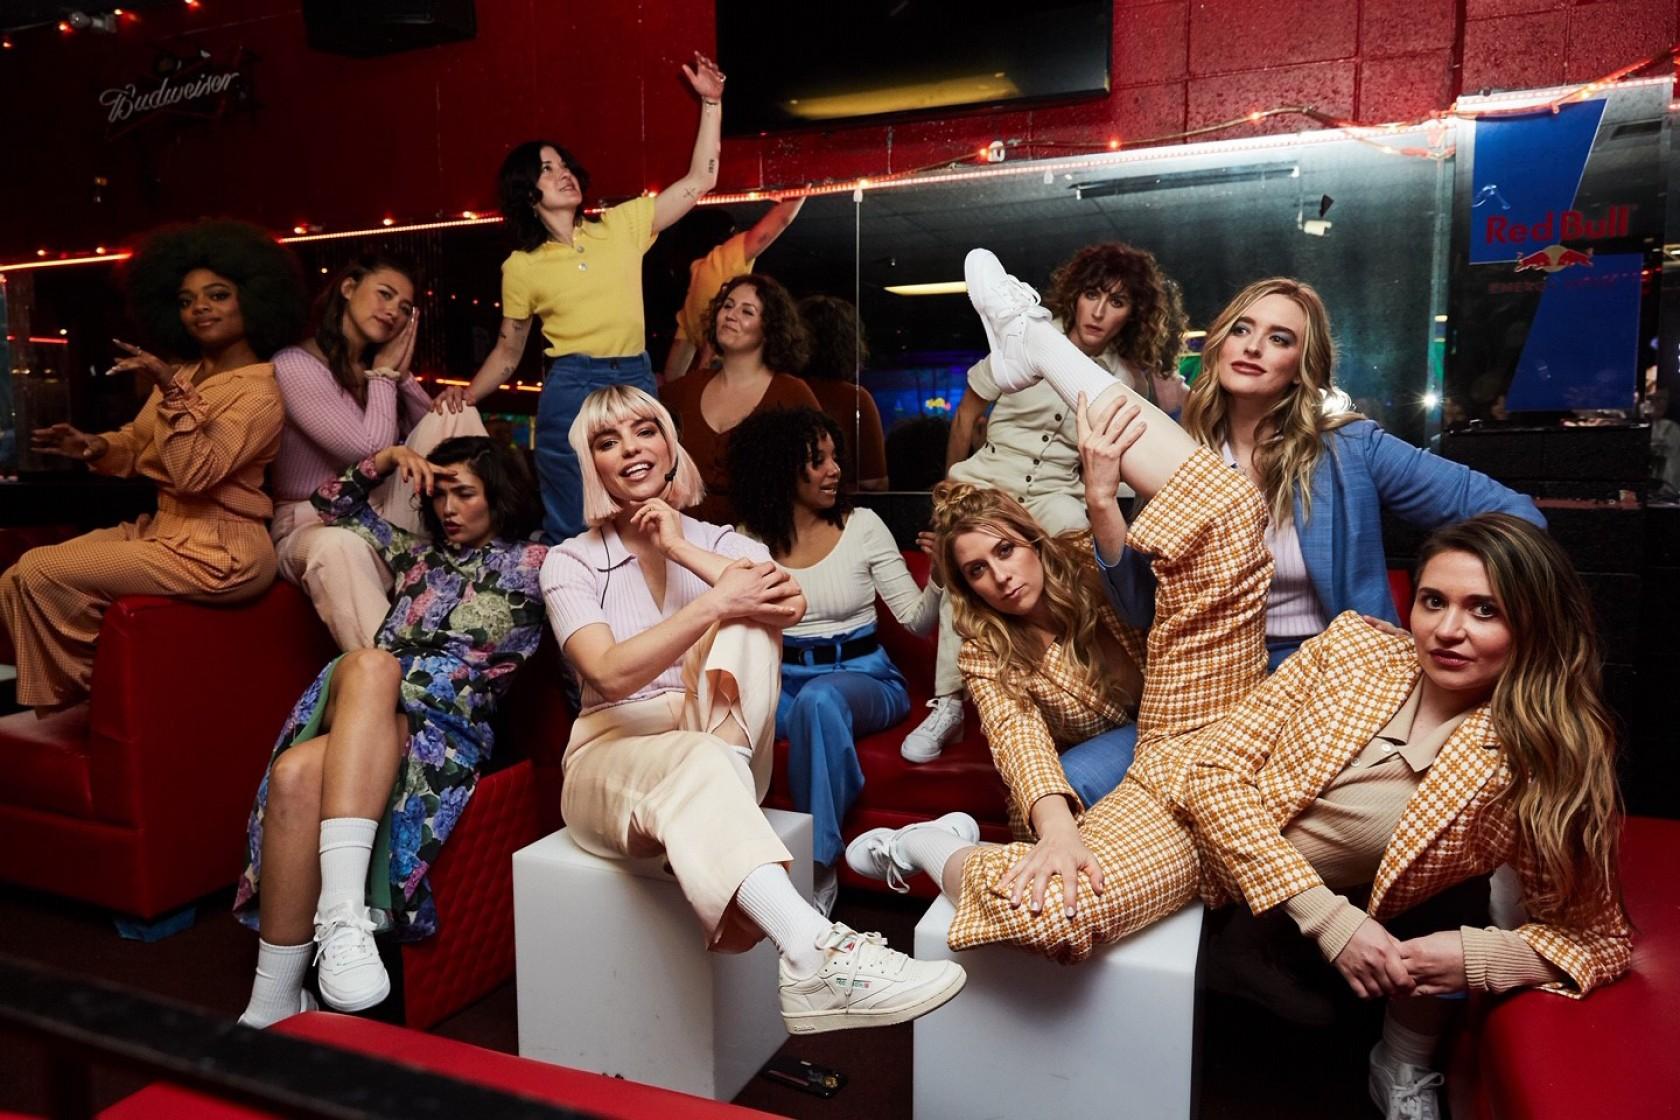 L.A. City Municipal Dance Squad